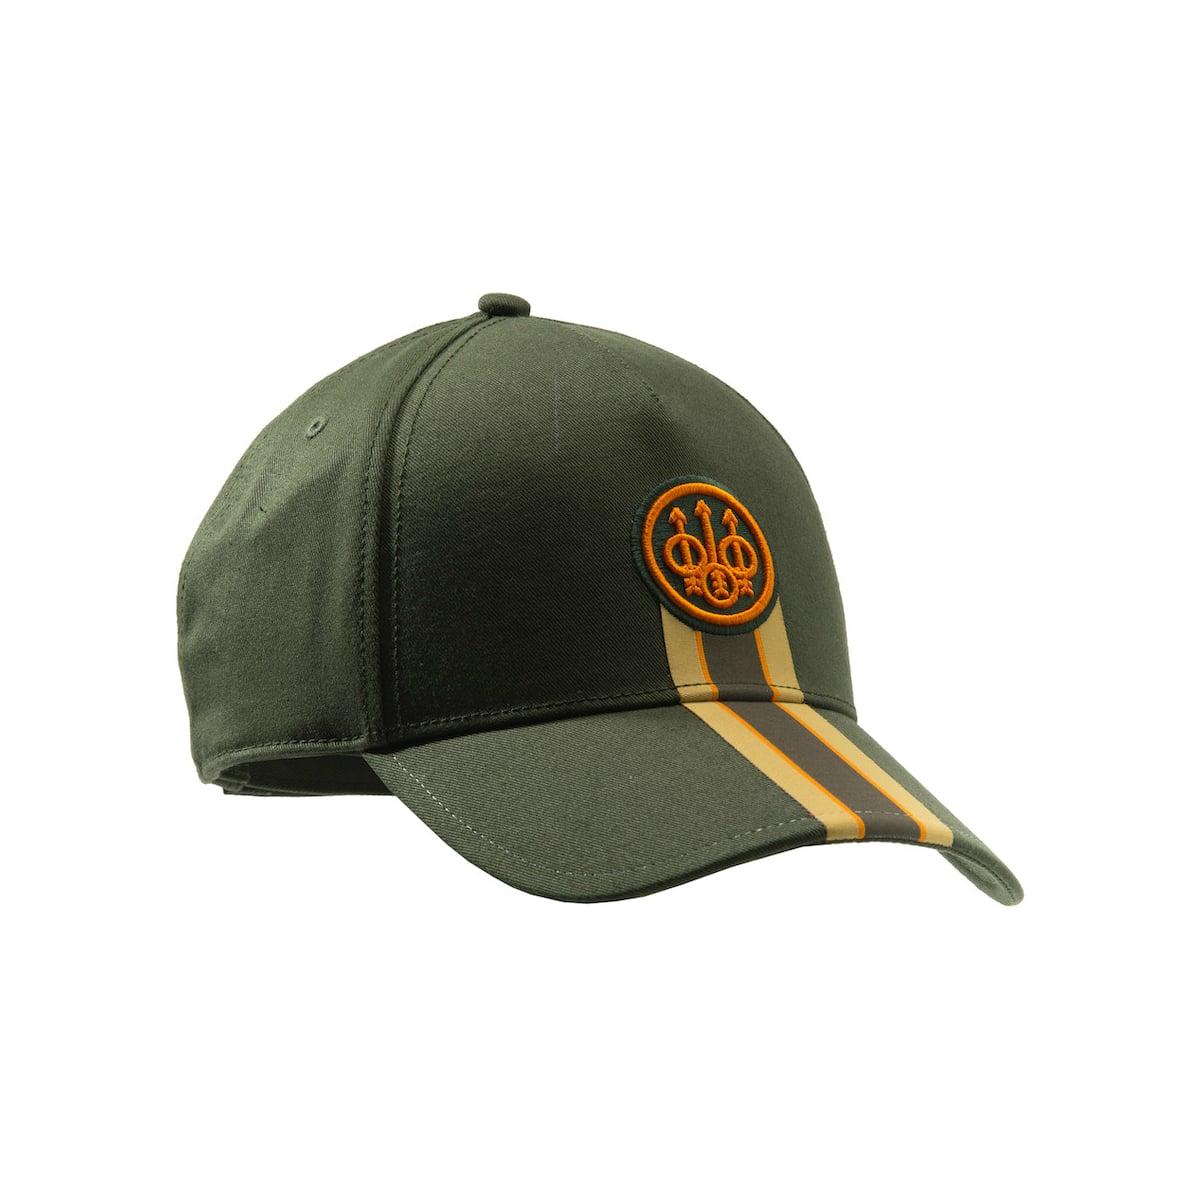 Beretta Corporate Striped Cap in Green